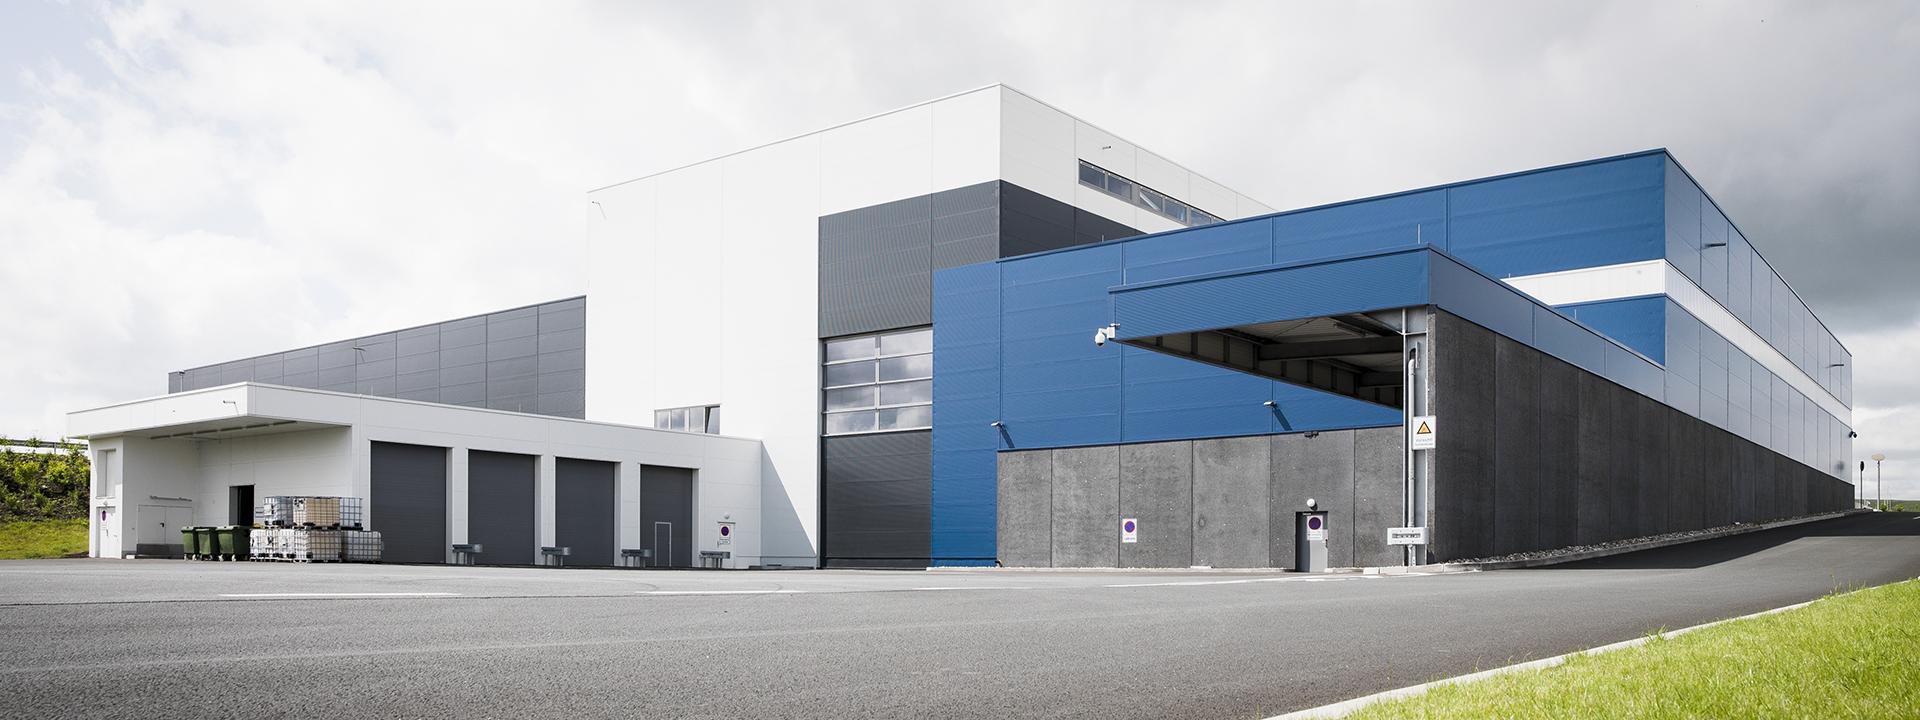 Aussenansicht des Neubaus eines Druckzentrums für Rhein Zeitung